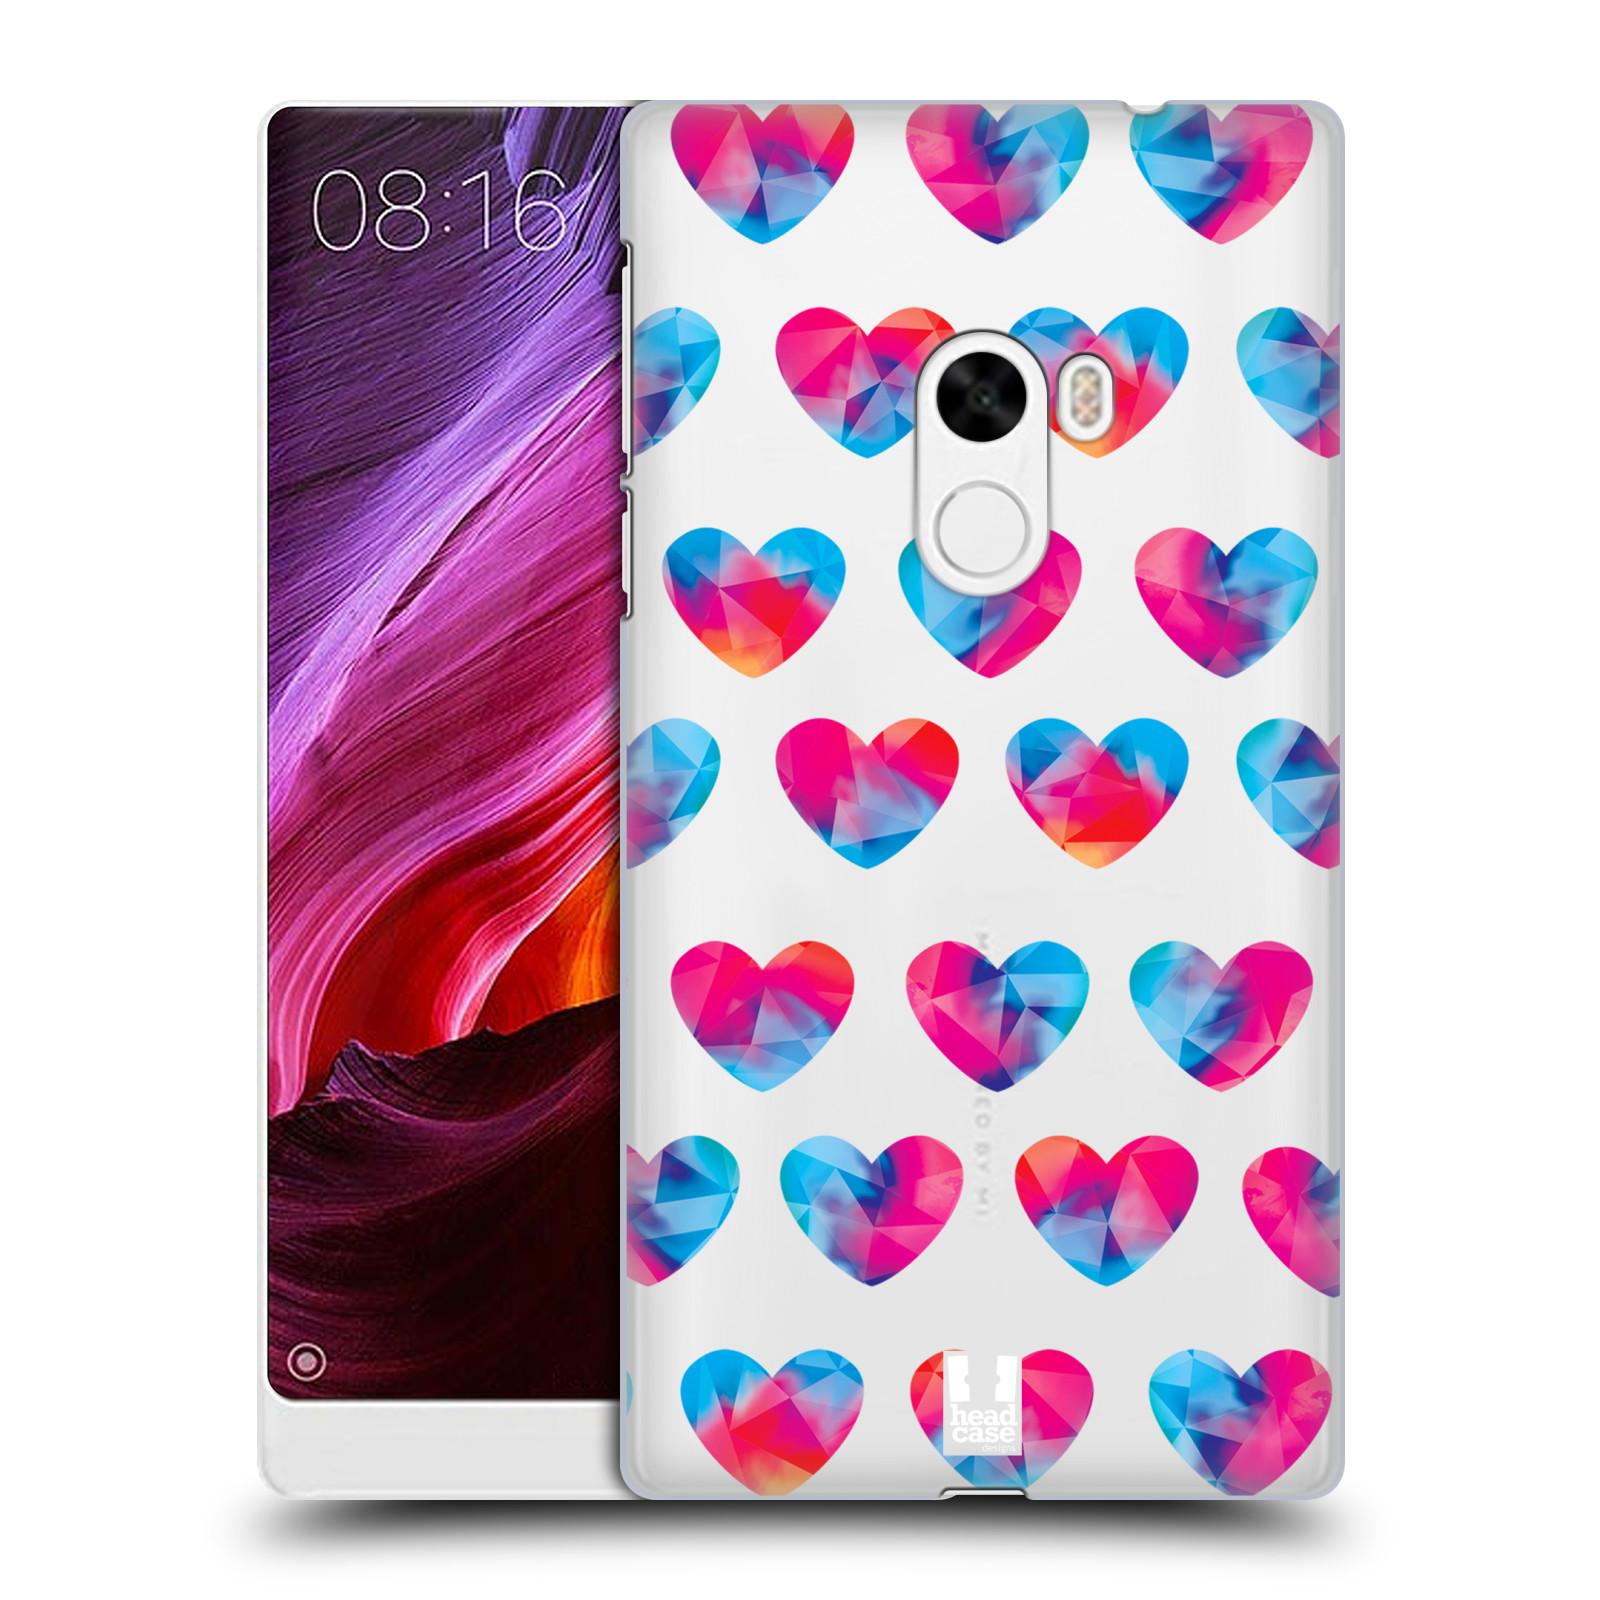 Plastové pouzdro na mobil Xiaomi Mi Mix - Head Case - Srdíčka hrající barvami